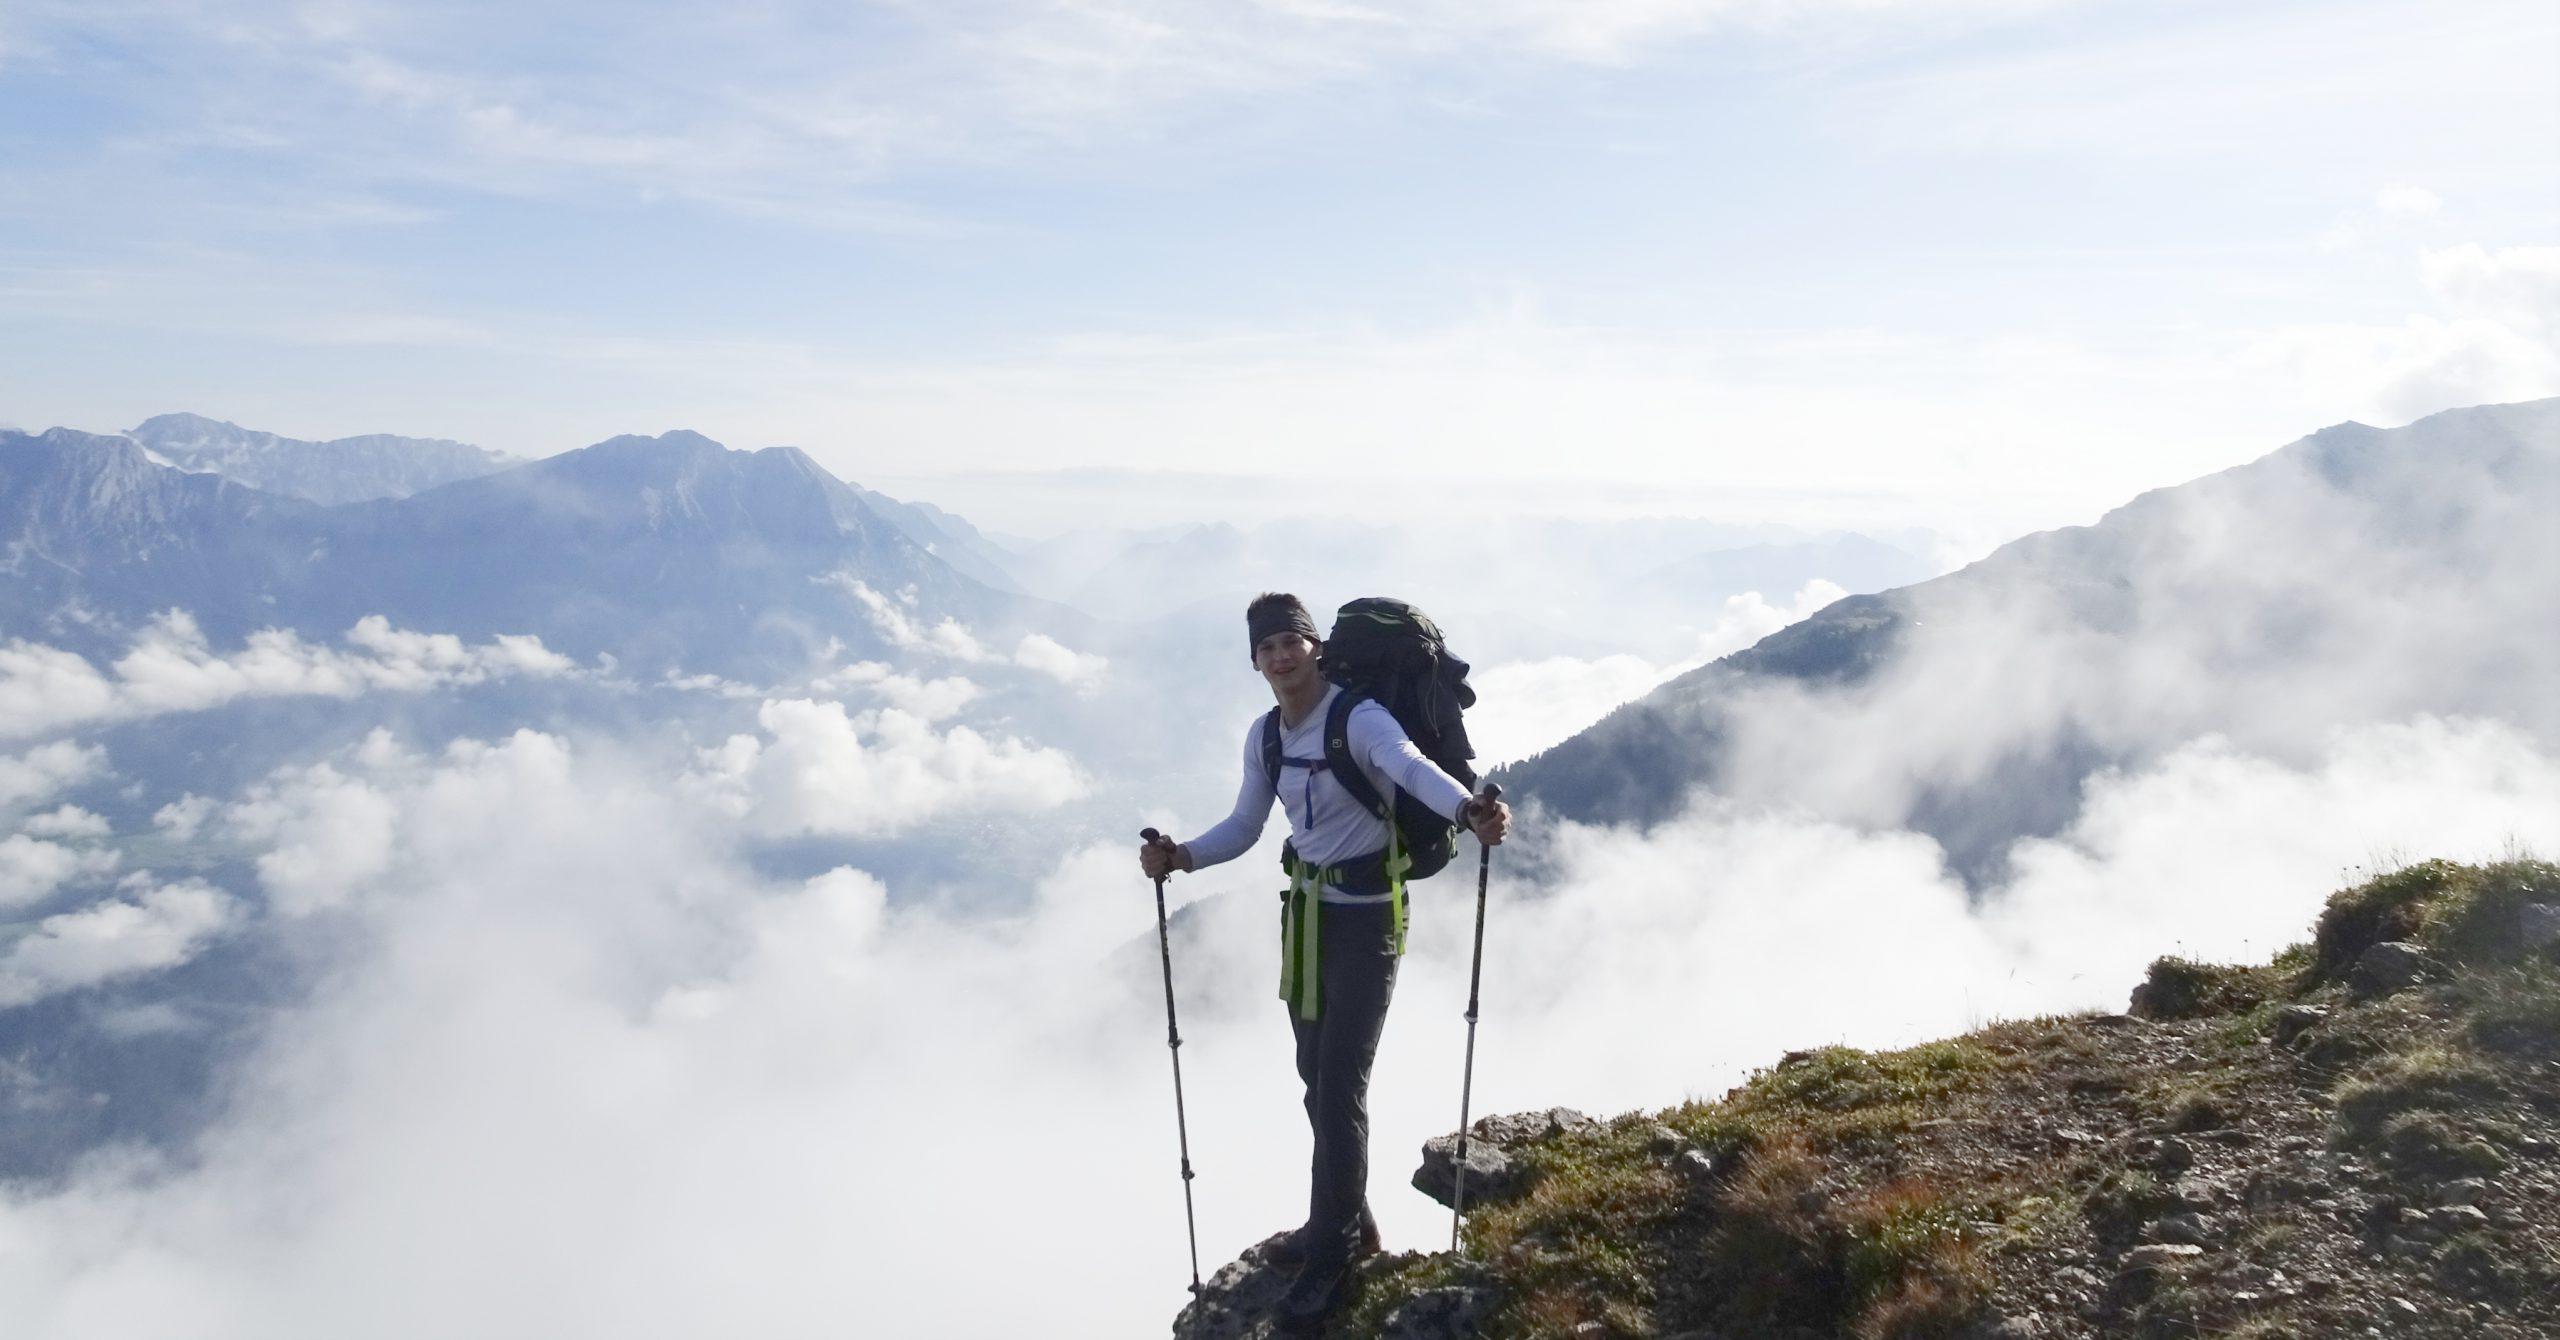 Alpenüberquerung auf dem L1 – Ausrüstung Must-haves